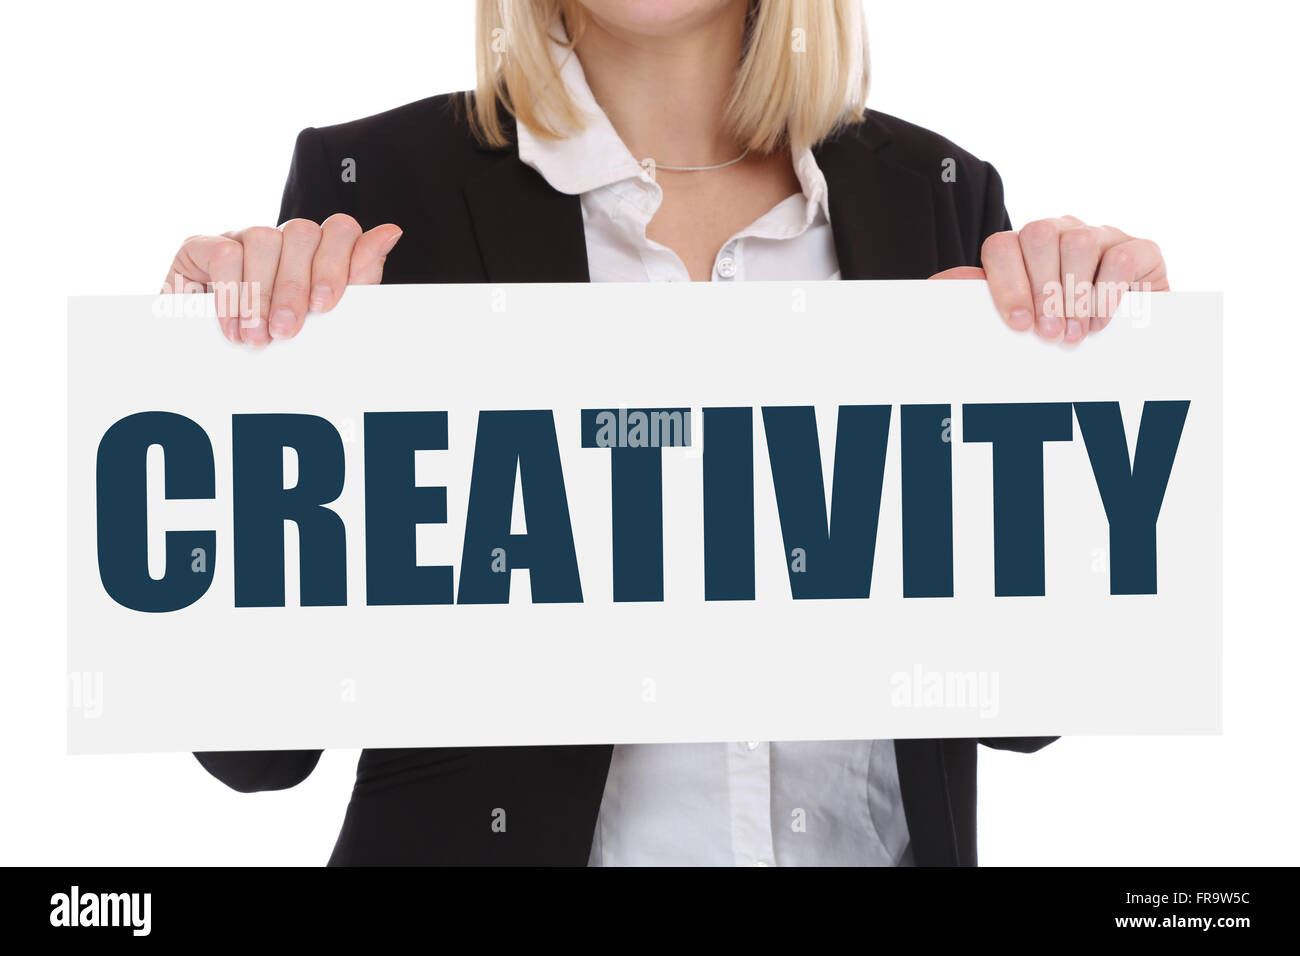 Kreativität kreativ vorstellen Phantasie denken Ideen Erfolg erfolgreiches Konzept inspiration Stockbild